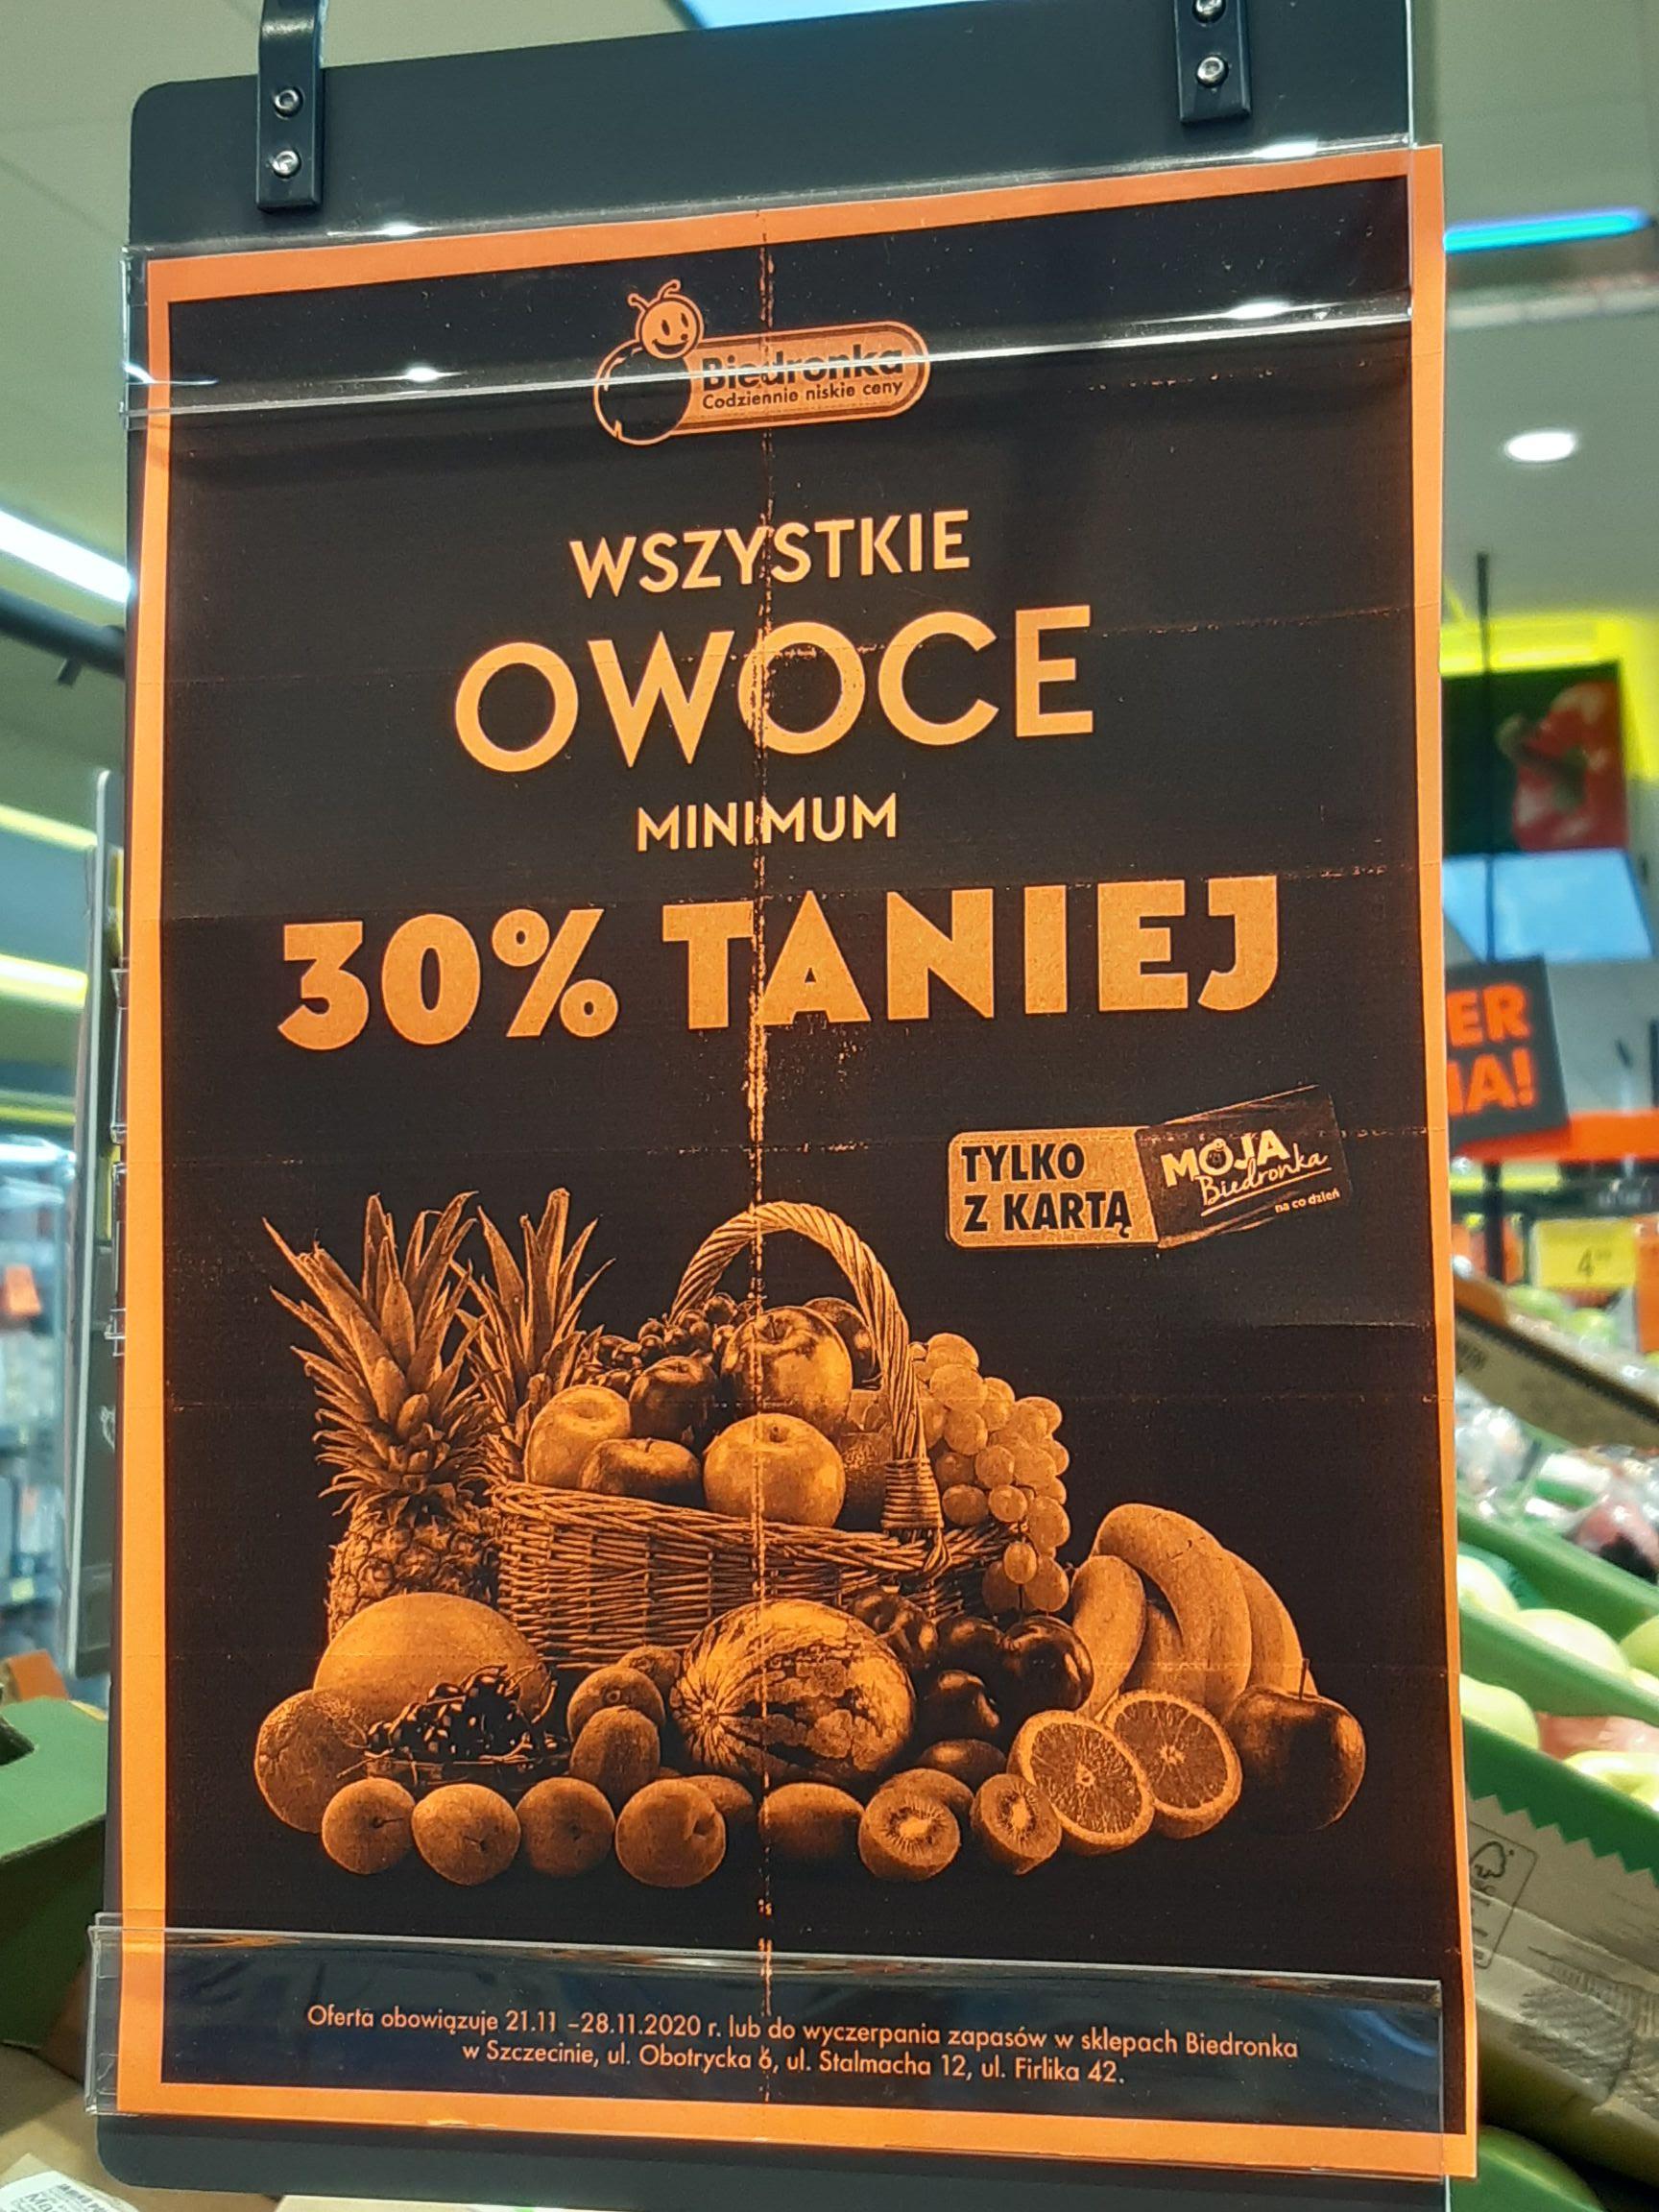 Wszystkie owoce minimum 30% taniej trzy lokalizacje Szczecin Biedronka